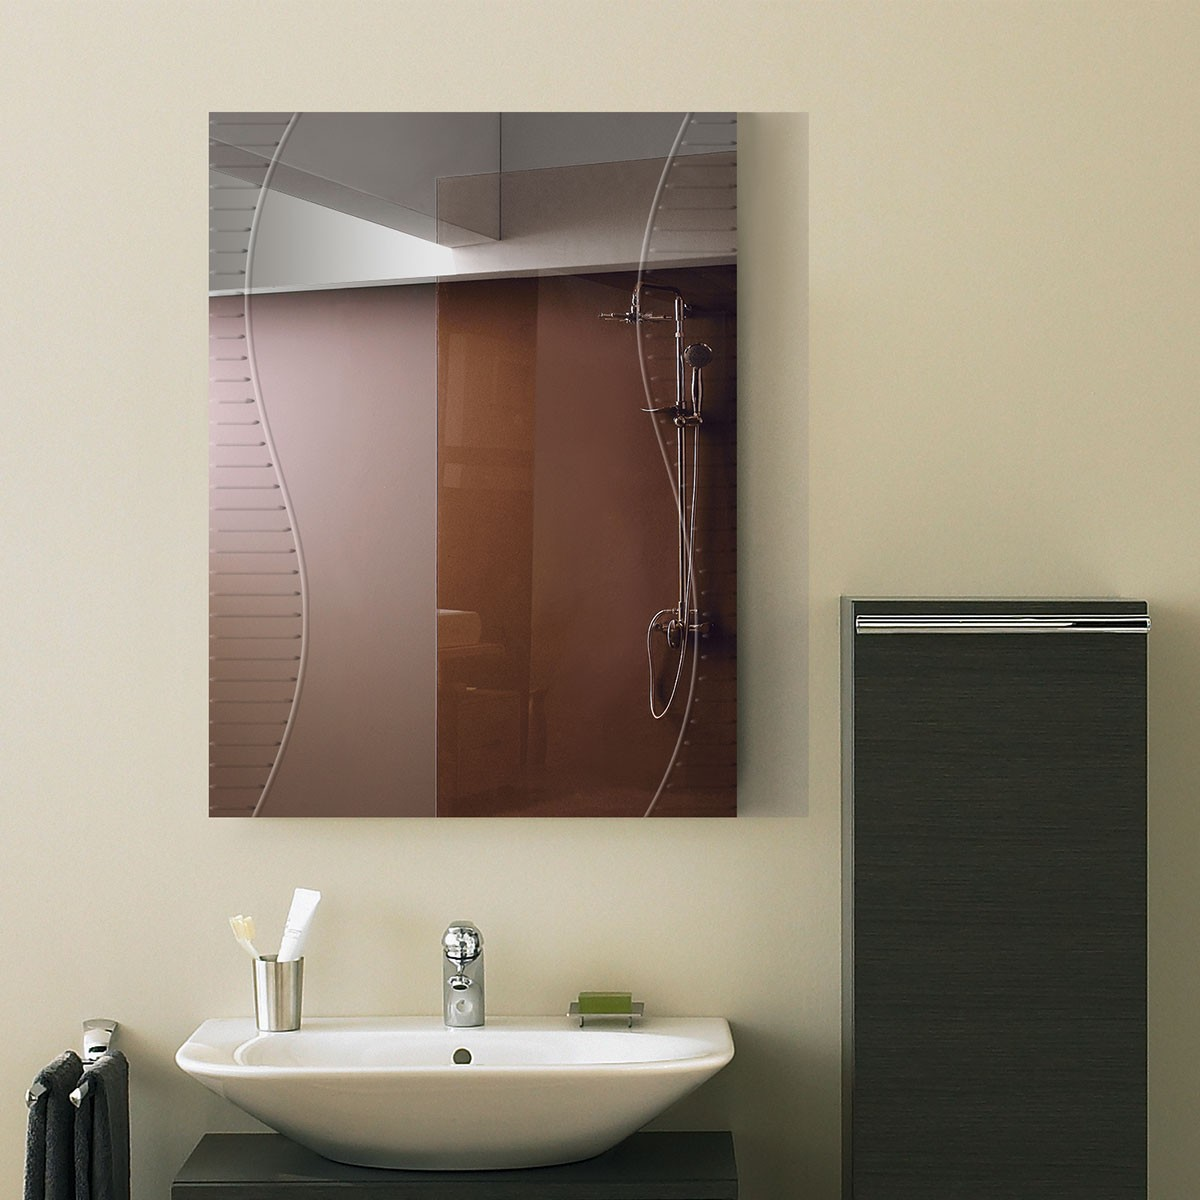 18 x 24 po Miroir Mural Salle de Bain Classique Rectangulaire sans Cadre - Accrochage Vertical (DK-OD-B068C)